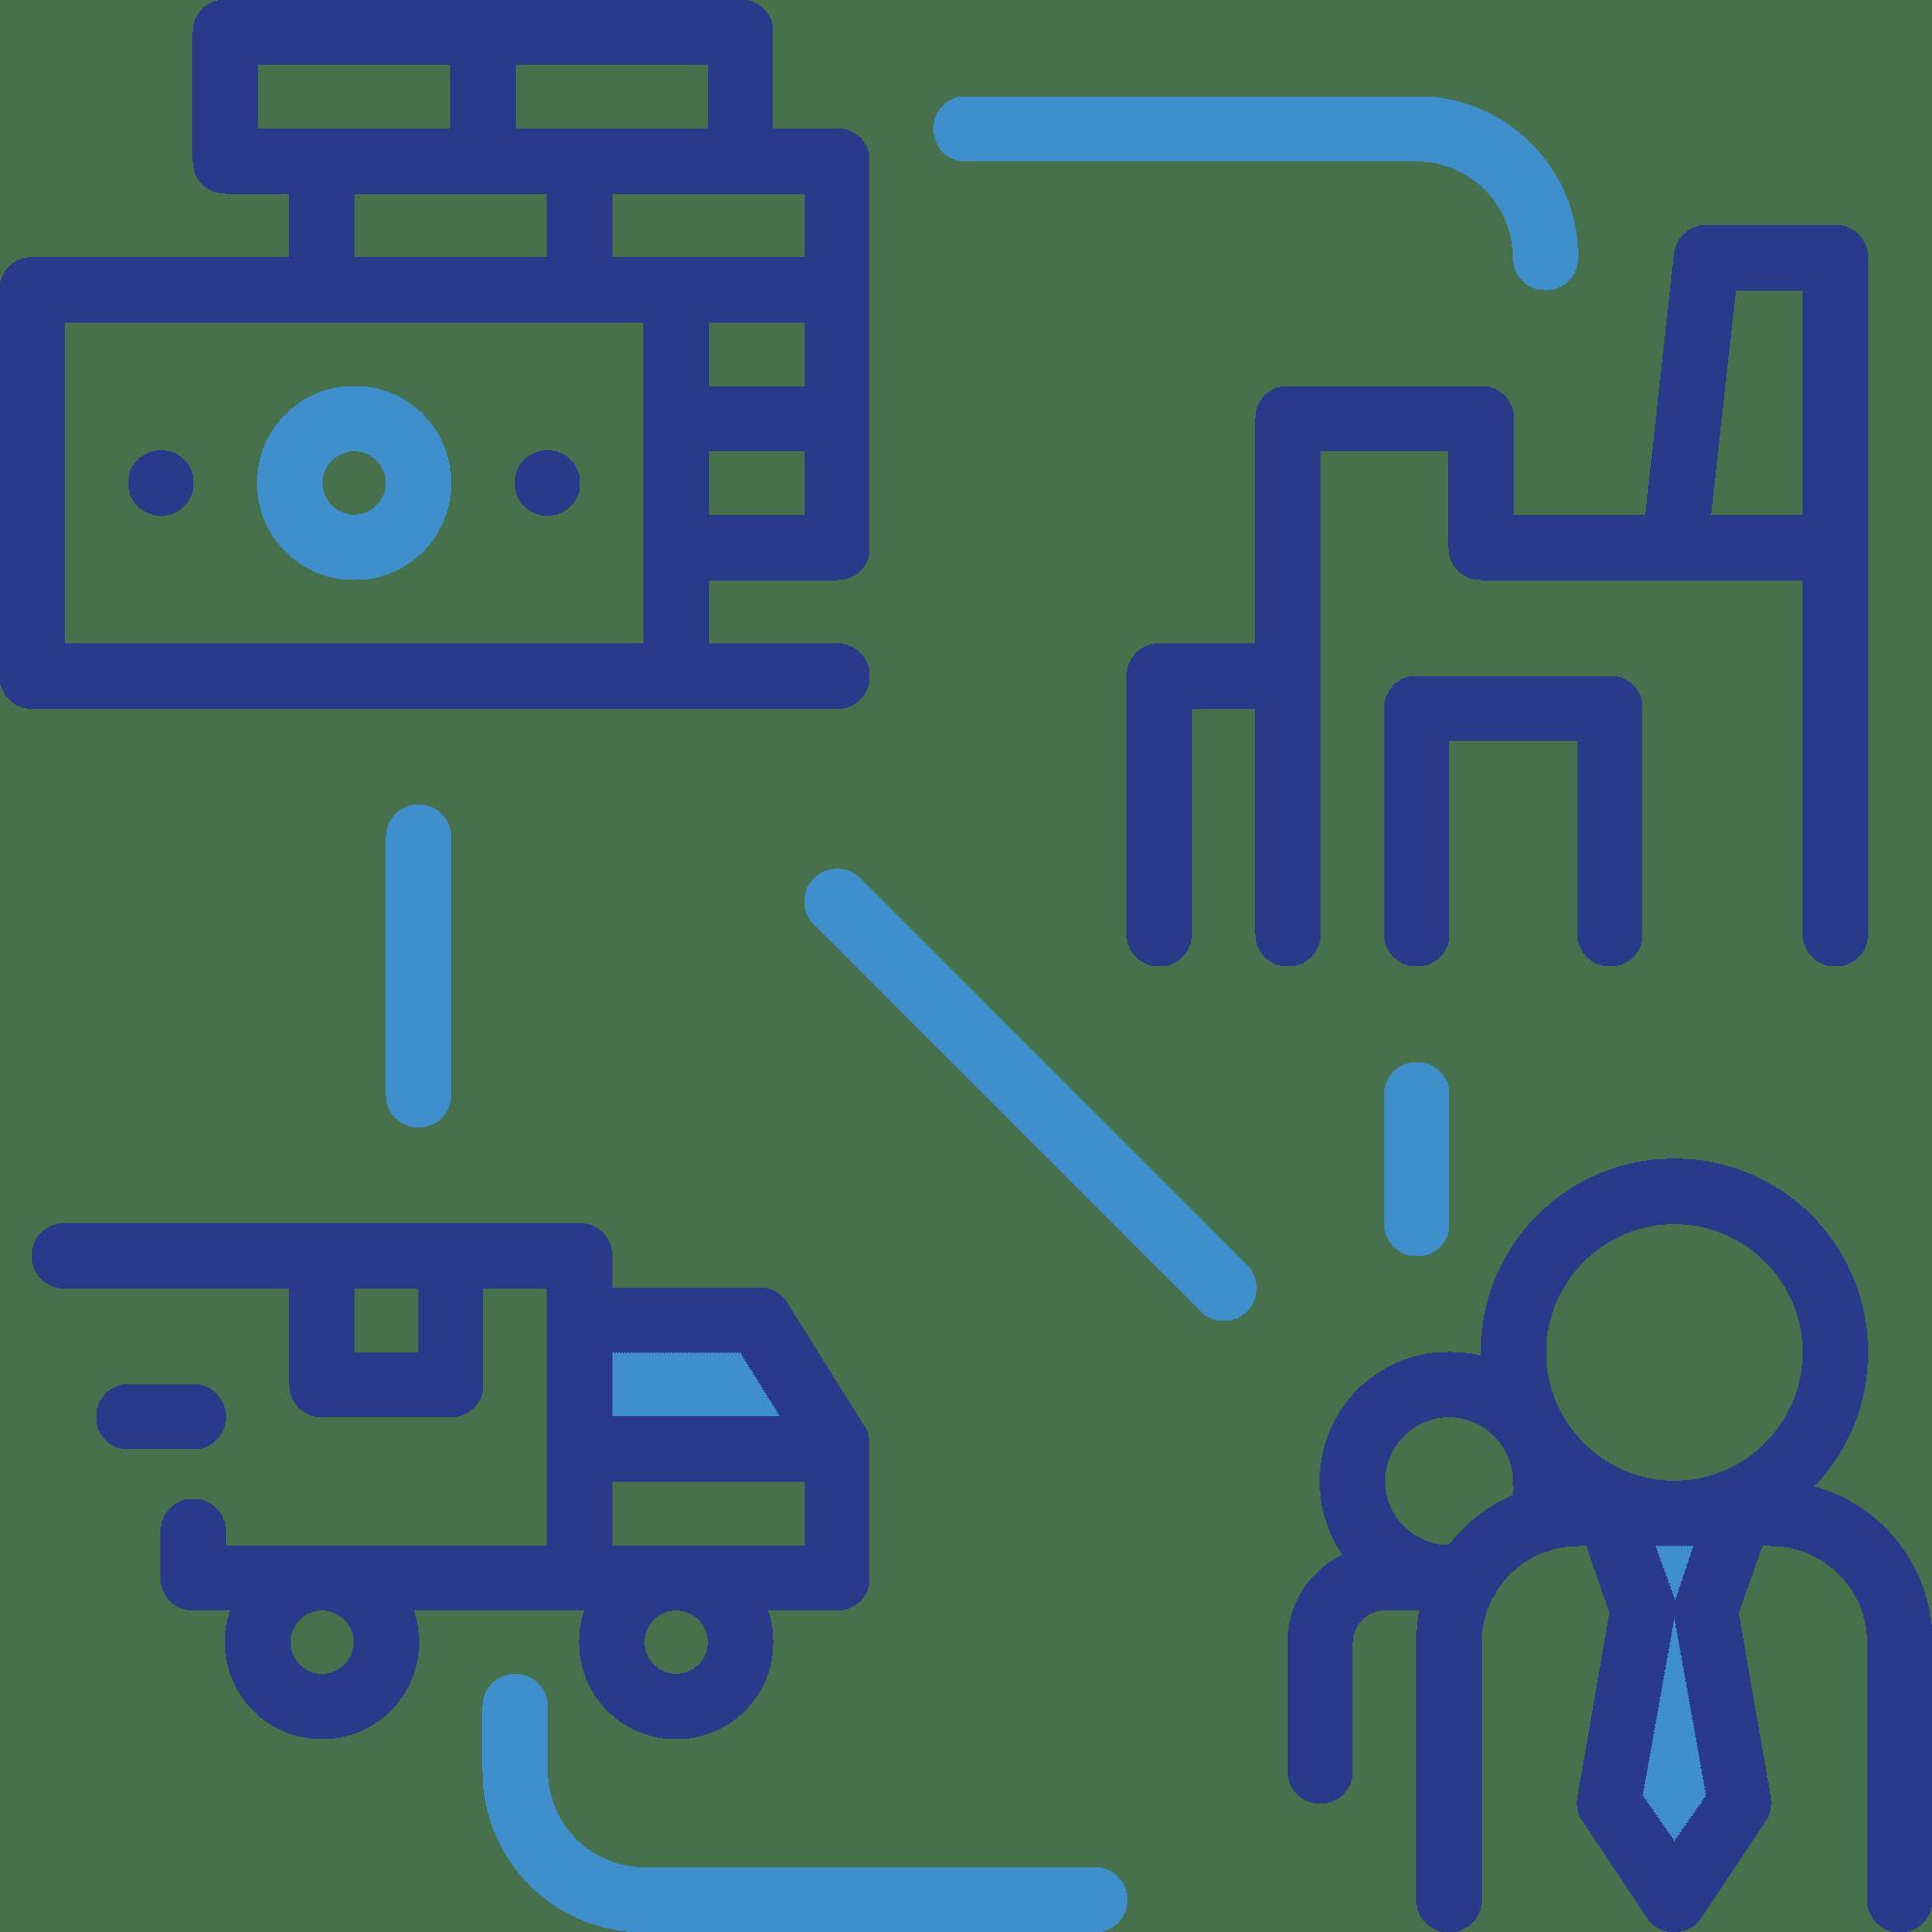 Smartyard voordelen groter netwerk